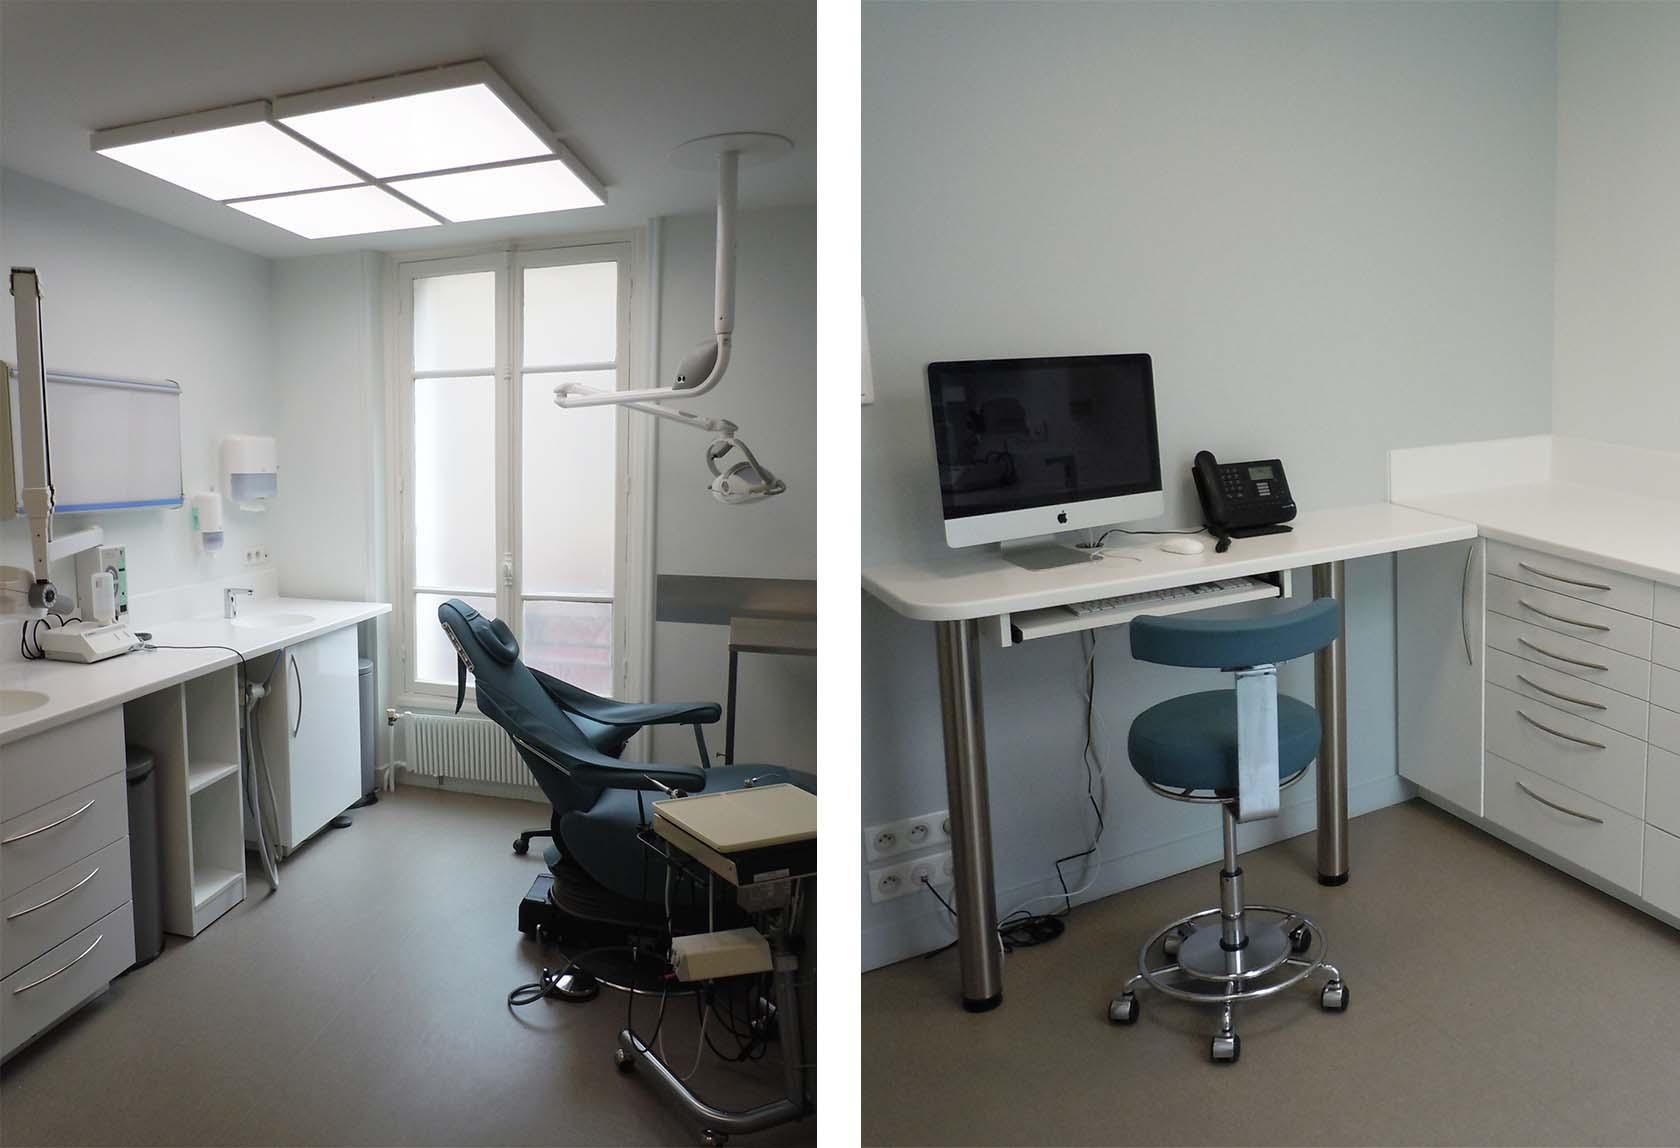 transformation d 39 une cabinet dentaire existant paris 16 me sam l mau architecture. Black Bedroom Furniture Sets. Home Design Ideas